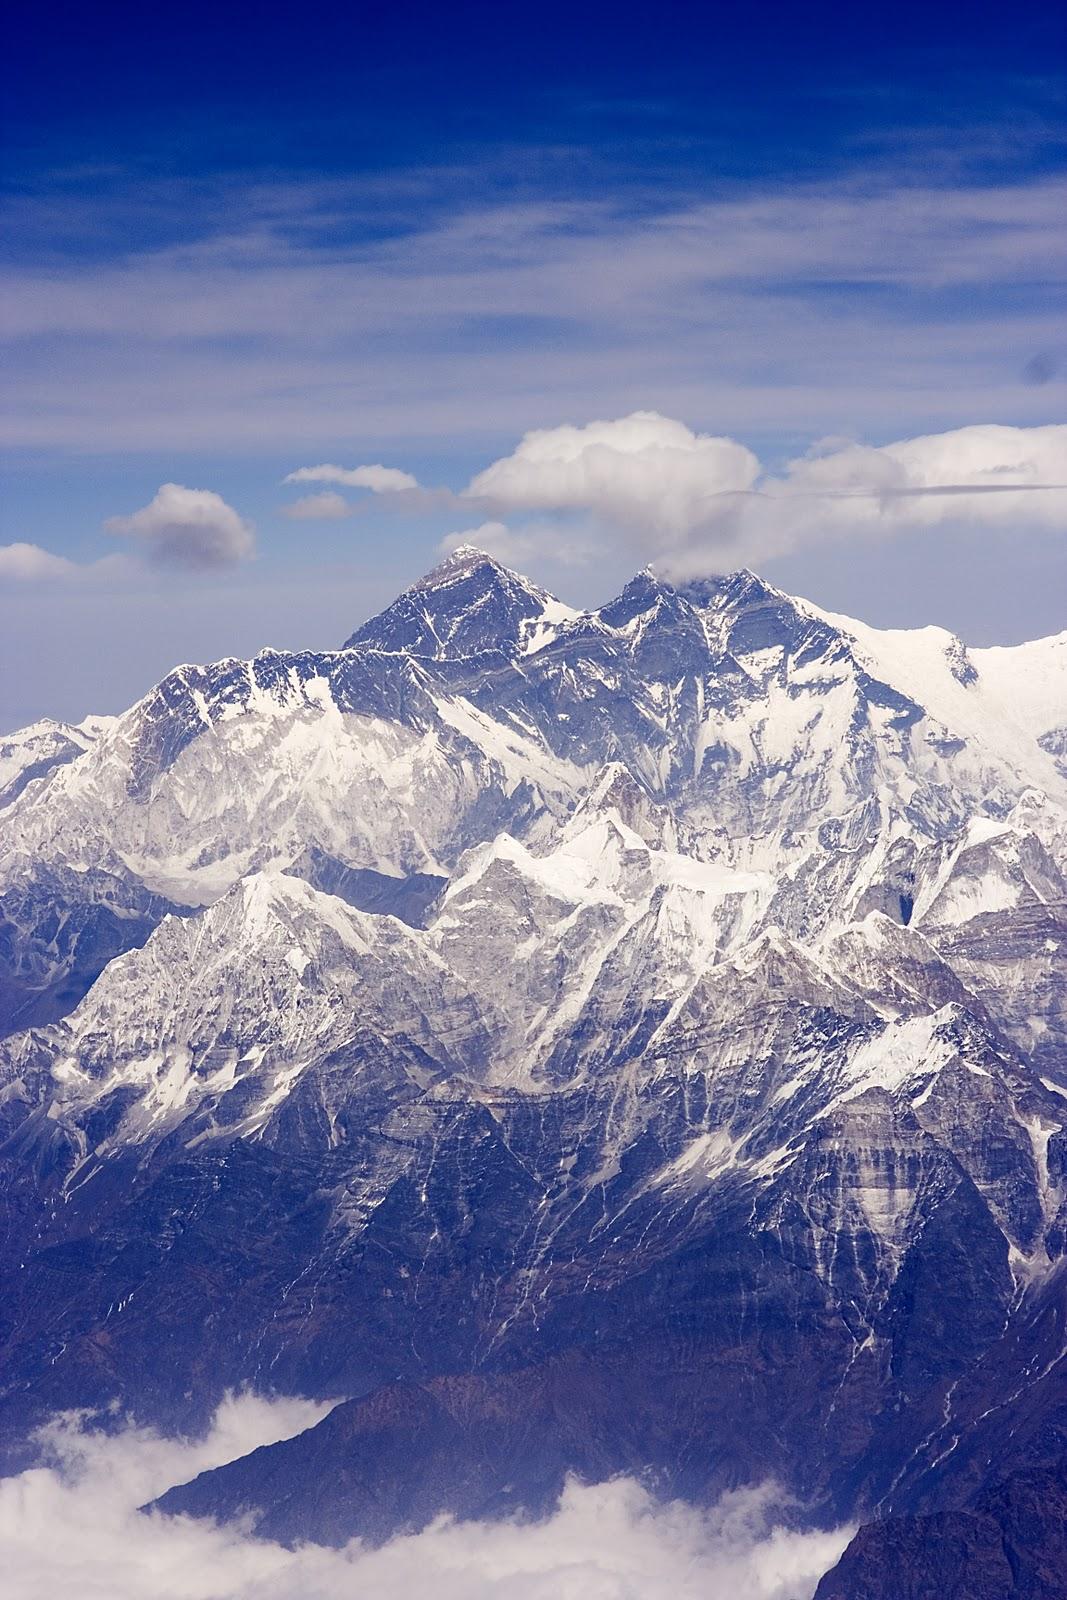 INDIAN NATURE WALLPAPER: THE HIMALAYAS